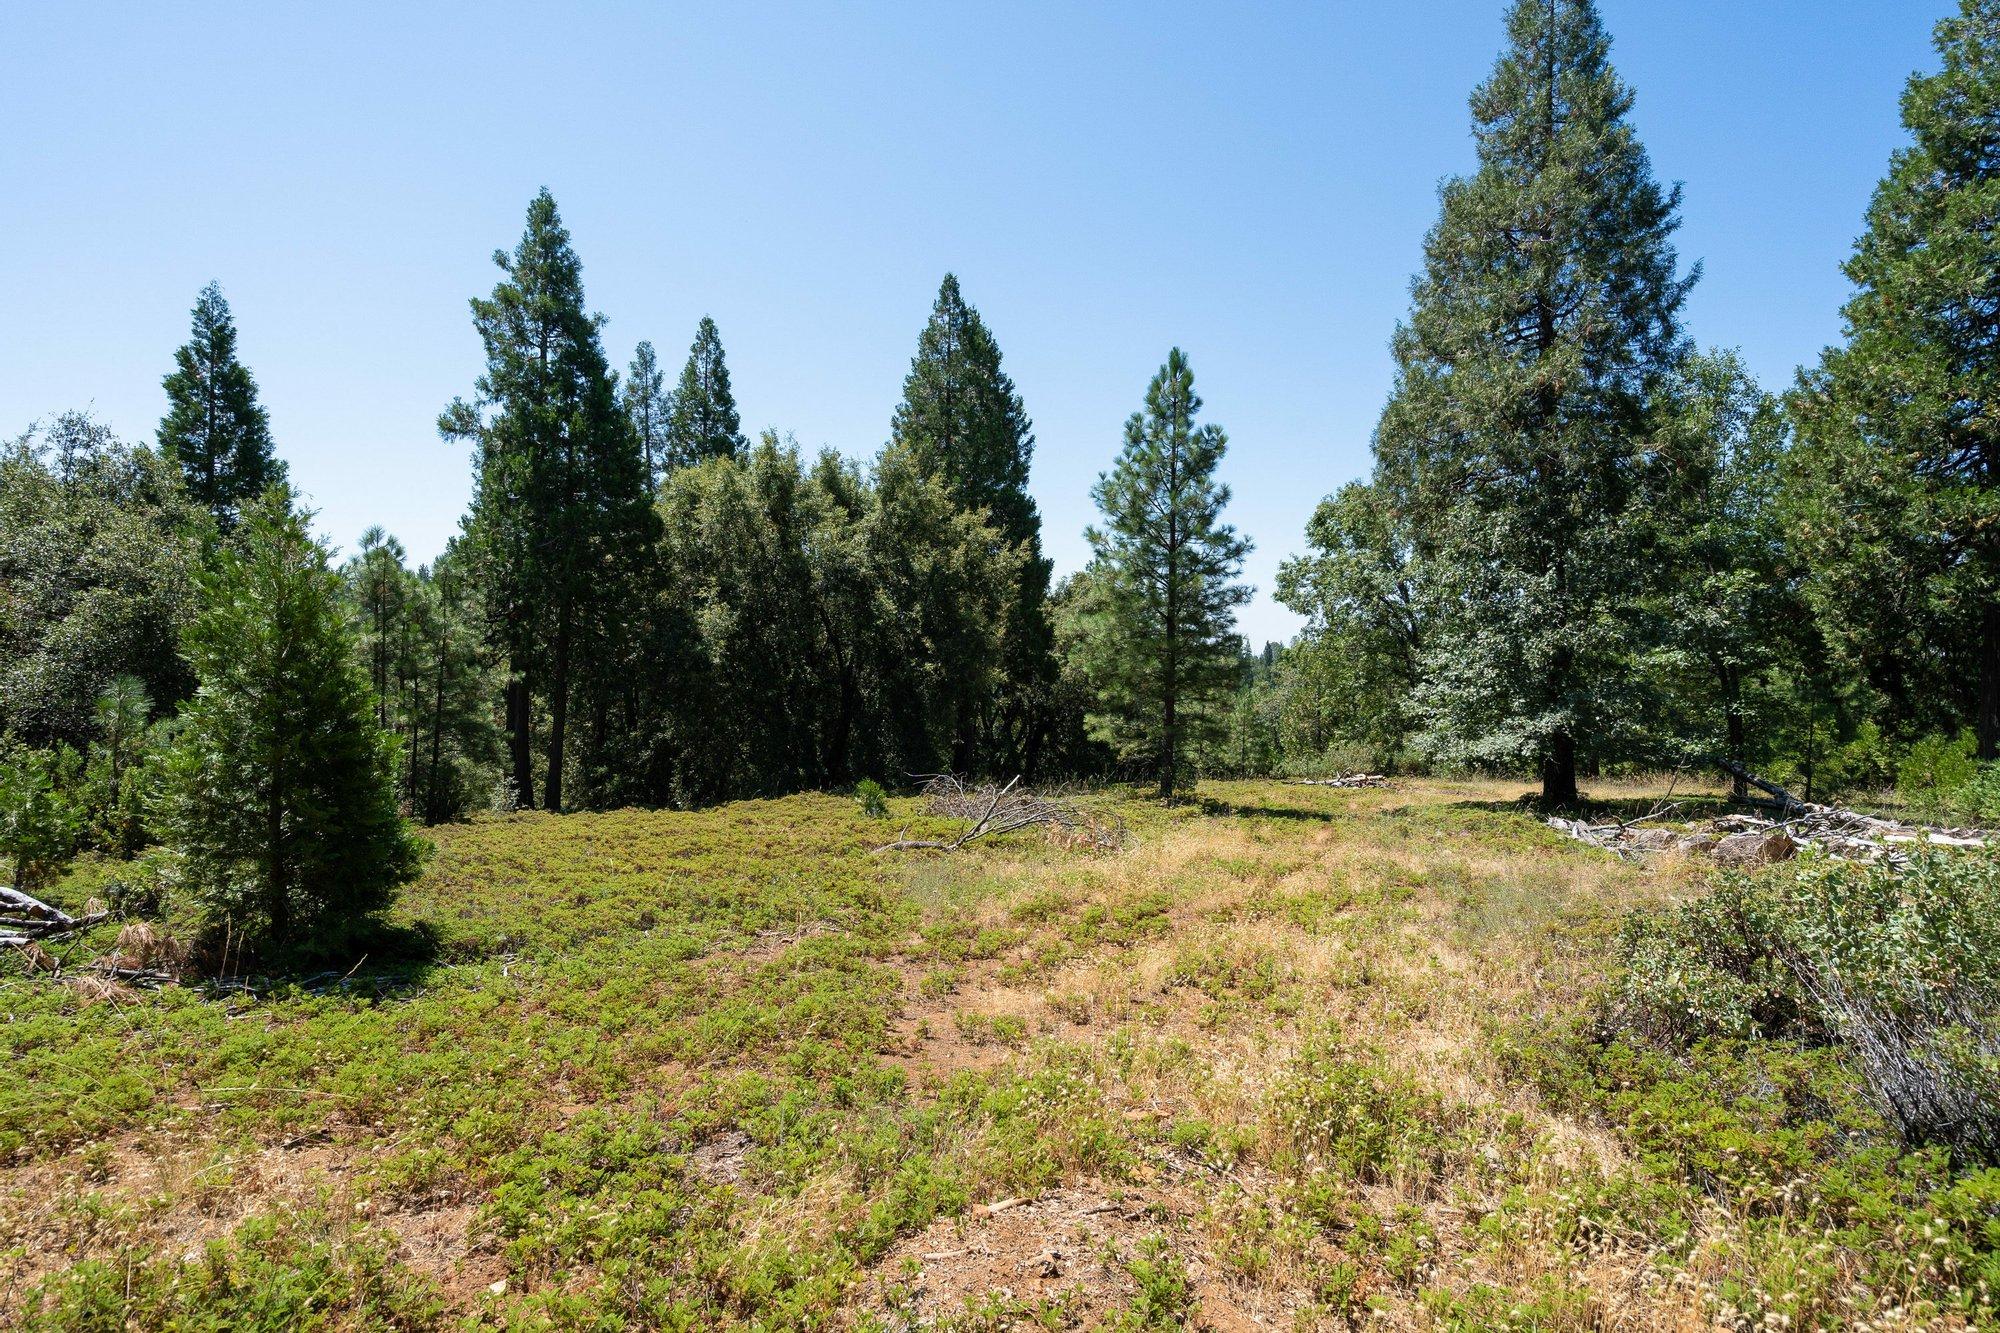 Terreno a Pioneer, California, Stati Uniti 1 - 11435401